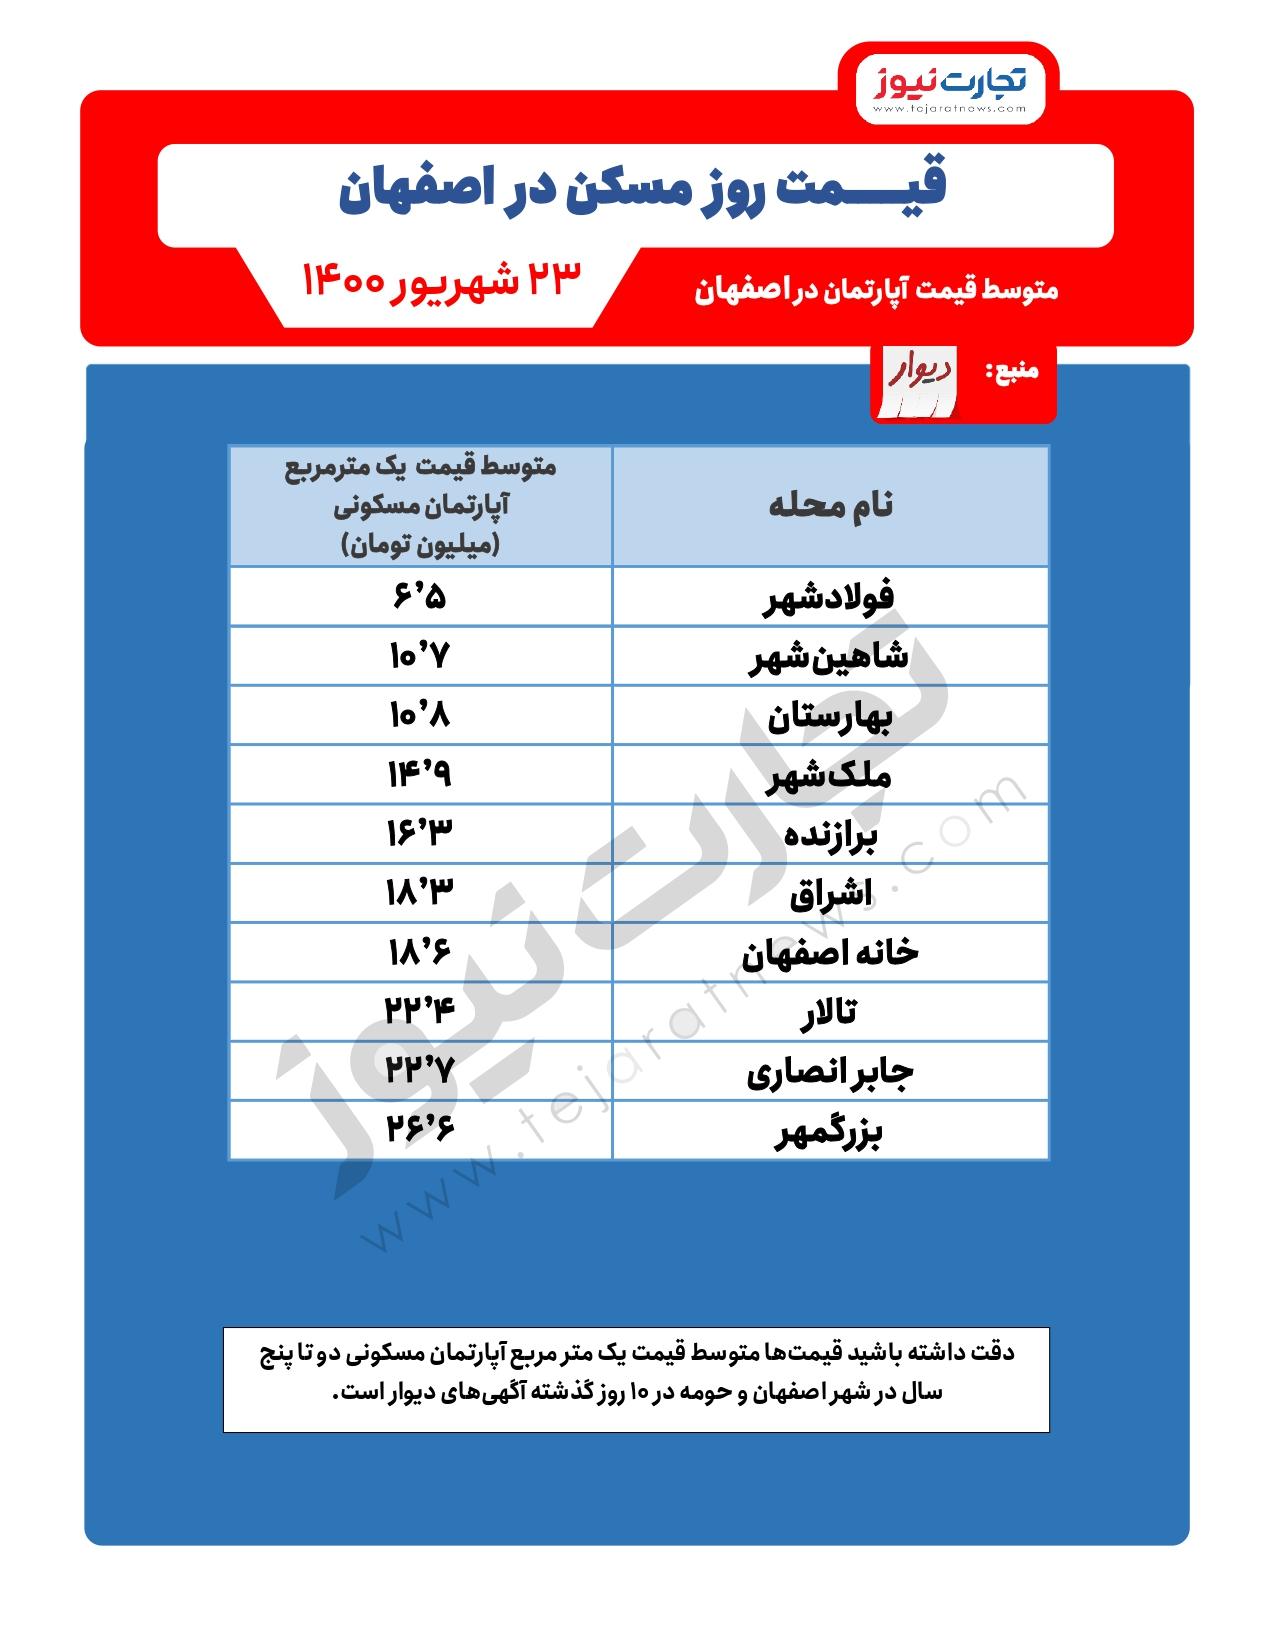 قیمت-مسکن-اصفهان